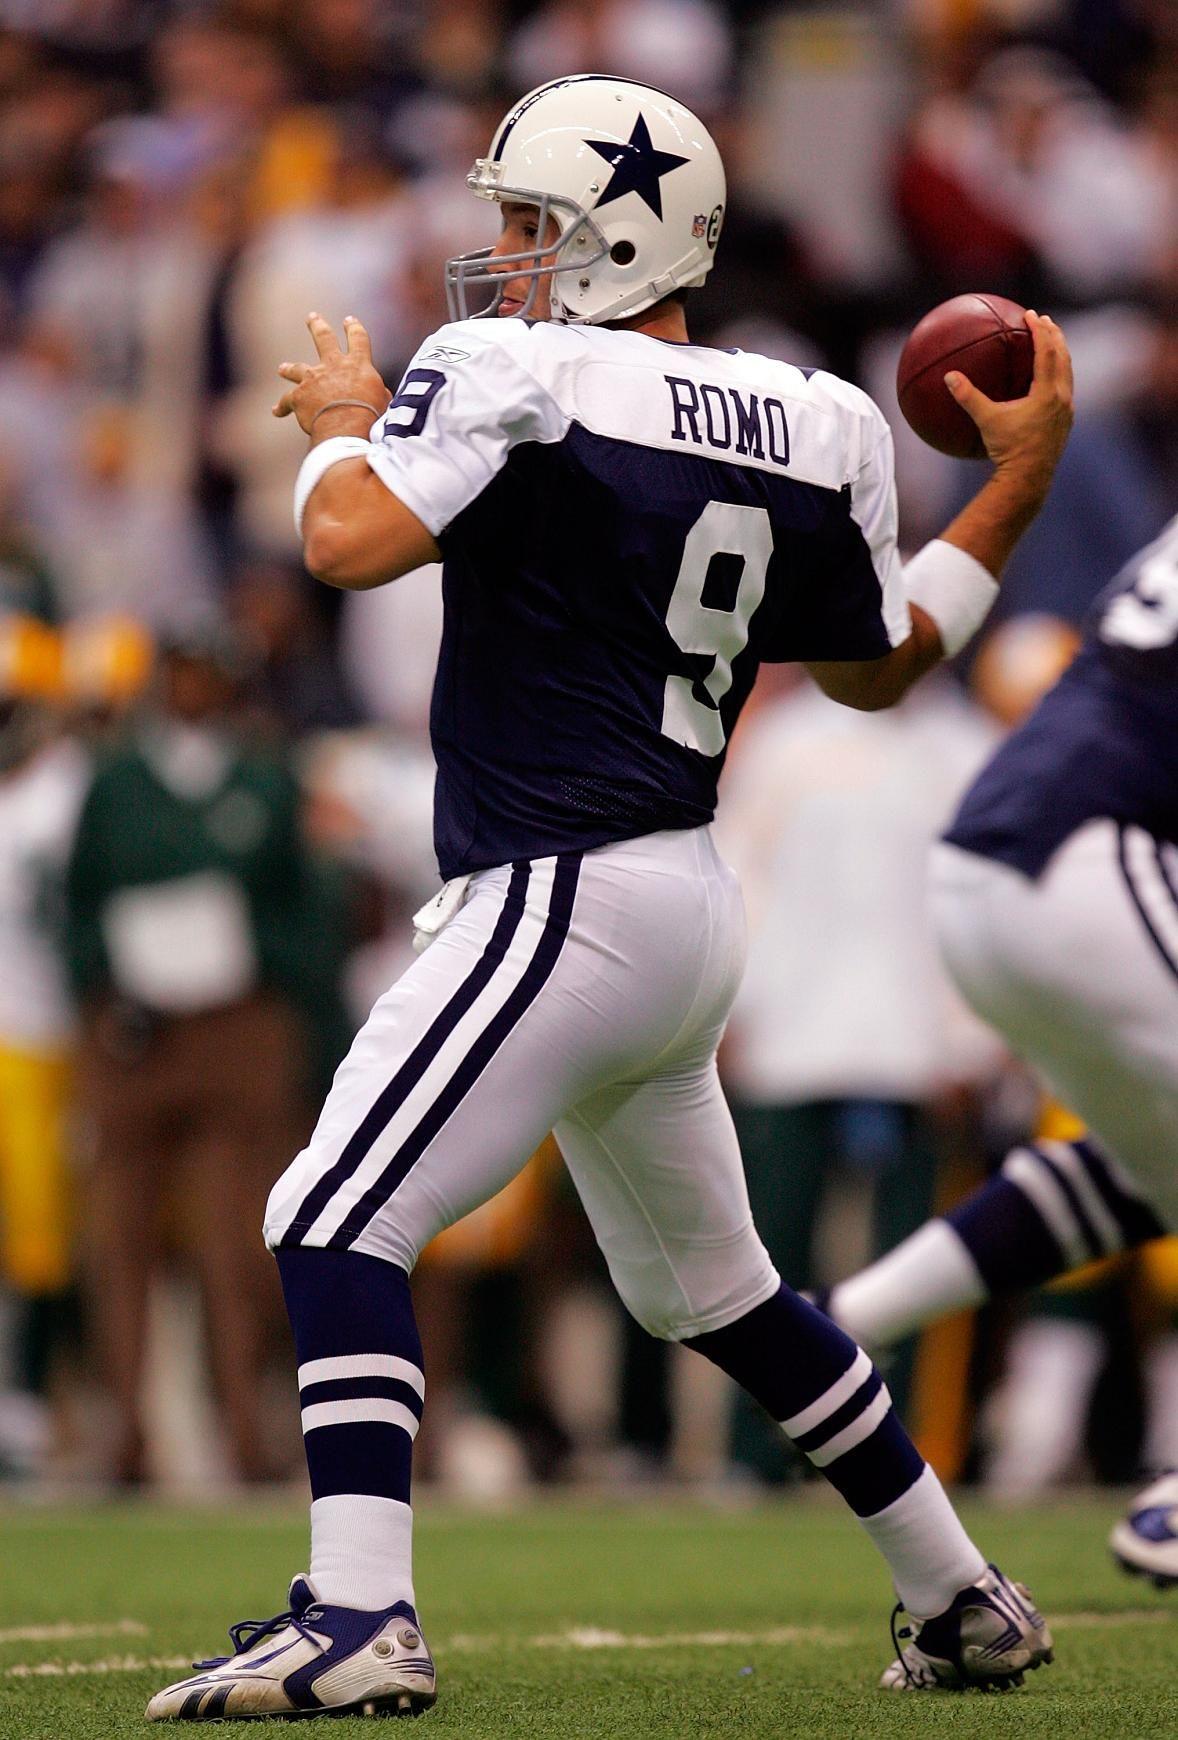 Photo 4 of 22, Tony Romo Dallas cowboys football team